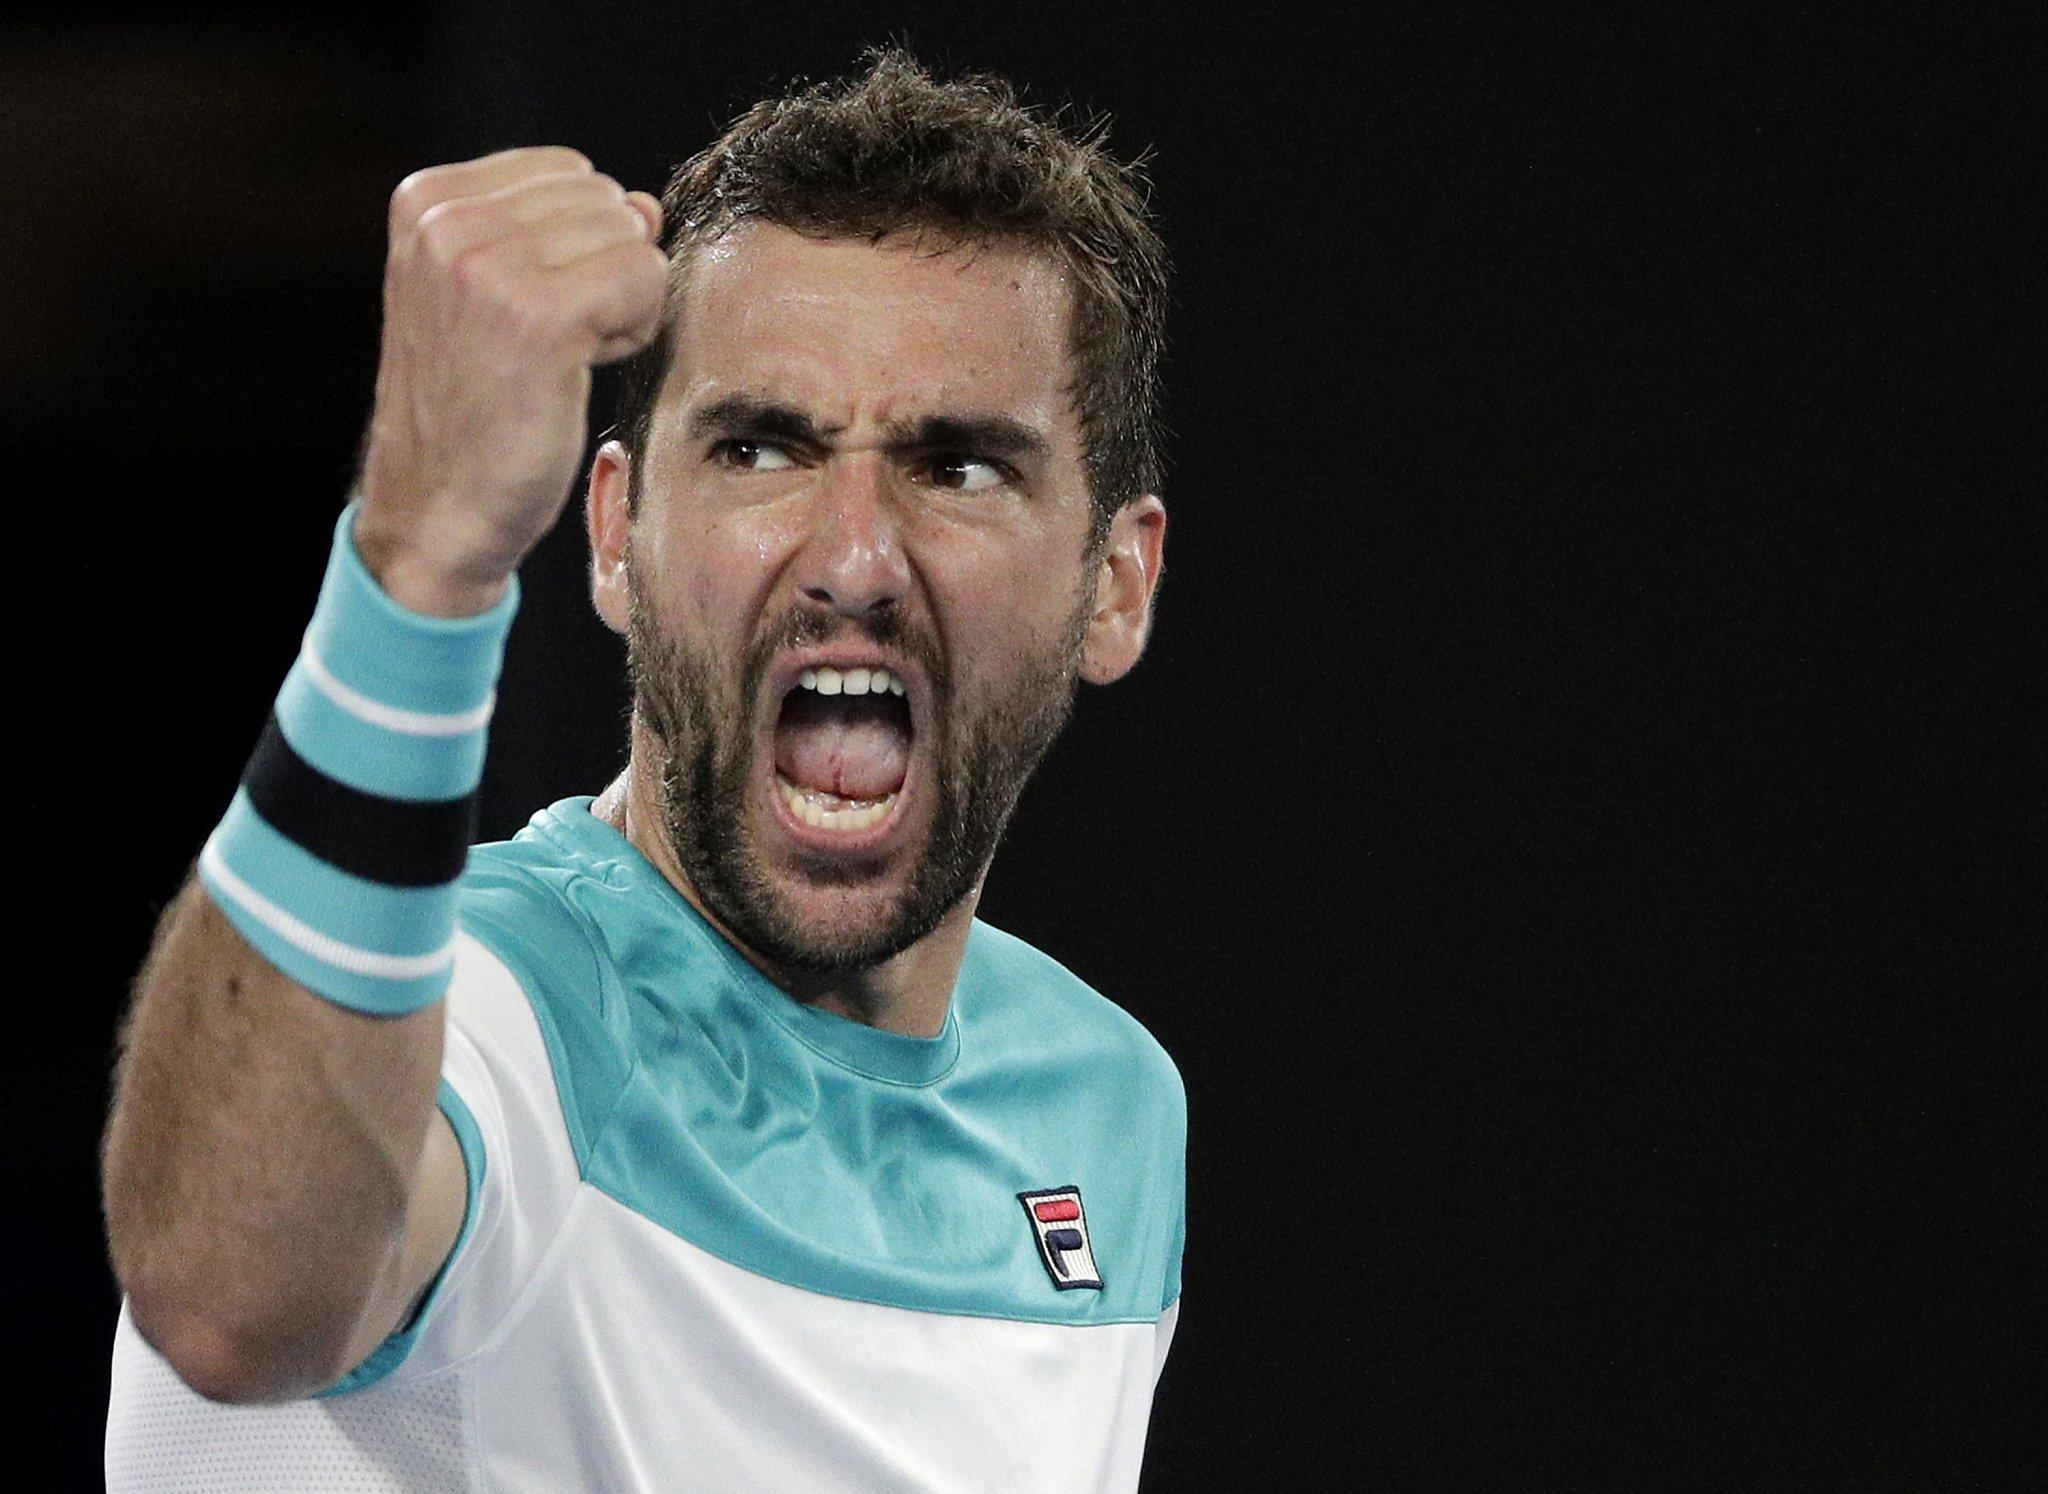 No. 58 Hyeon Chung reaches Aussie Open semis, Rafael Nadal withdraws - SFGate